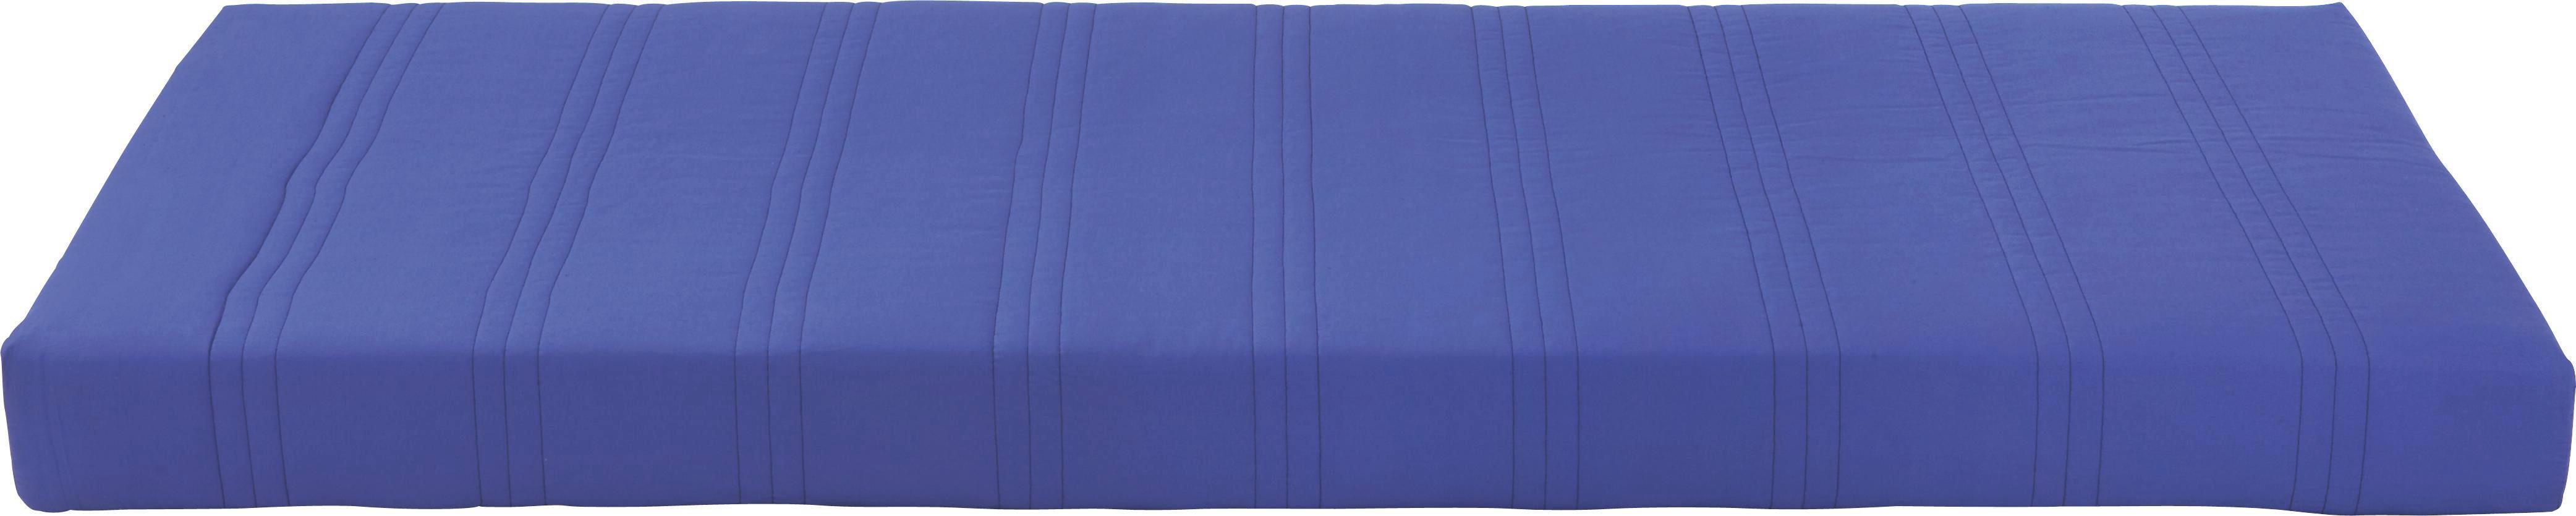 Bonellfederkernmatratze Kim - Blau, MODERN, Textil (90/200cm)